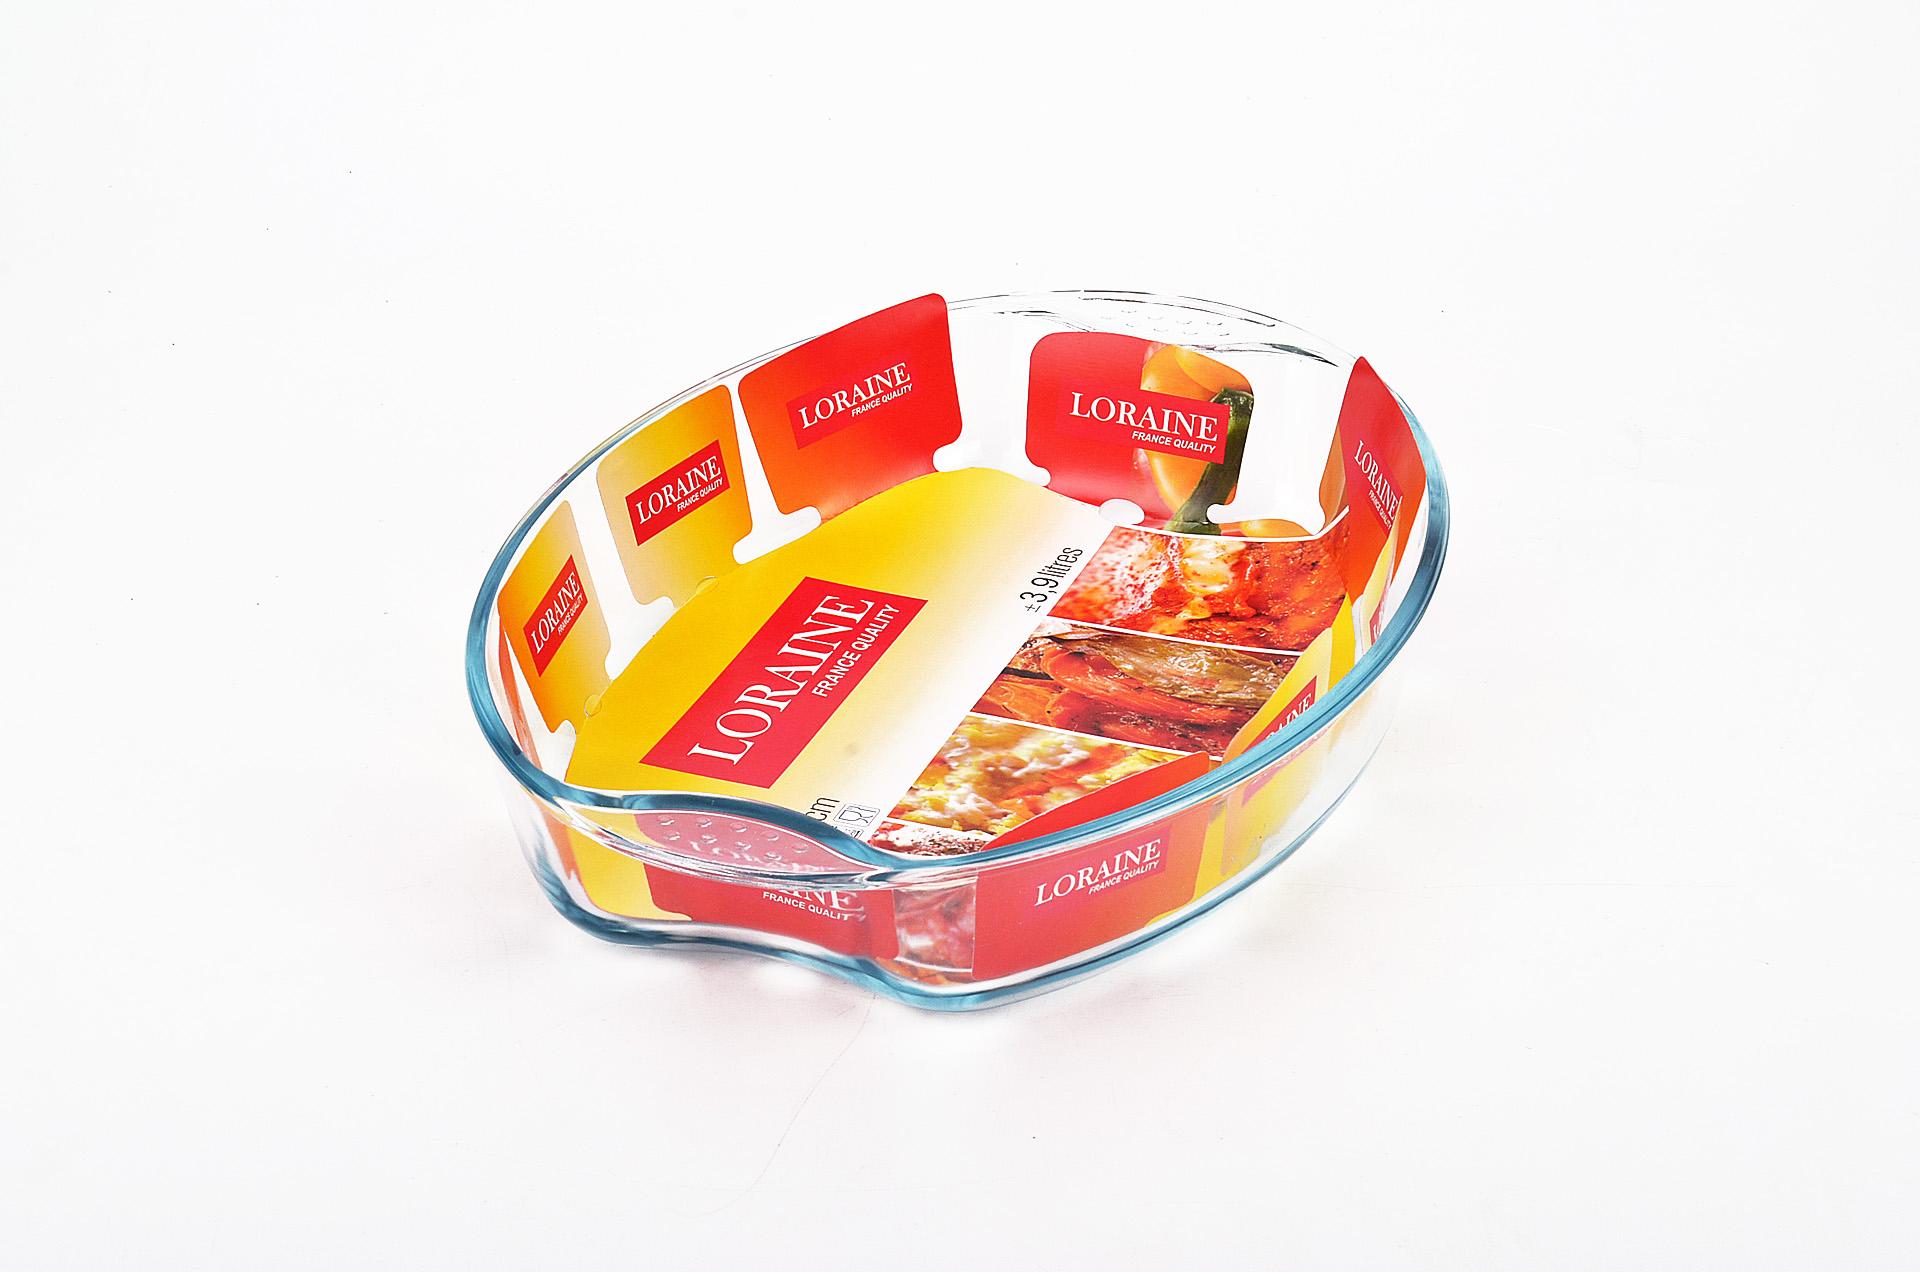 Жаровня Loraine, 2,9 лкз60аОвальная жаровня Loraine изготовлена из жаропрочного боросиликатного прозрачного стекла. Стеклянная посуда идеальна для запекания, так как стекло - это экологически чистый, износостойкий и долговечный материал, к которому не прилипает пища, в такой посуде пища сохраняет все свои полезные вещества и микроэлементы. Емкость идеальна для запекания в духовке птицы и мяса, для приготовления лазаньи, запеканки и даже пирогов. С жаровней Loraine вы всегда сможете порадовать своих близких оригинальной выпечкой.Подходит для использования в духовке при температуре до +400°С, в морозильной камере при температуре до -40°С. Можно использовать в микроволновой печи. Подходит для мытья в посудомоечной машине. Объем: 2,9 л. Размер жаровни (с учетом ручек): 34,5 см х 24 см. Высота стенки: 6,5 см.